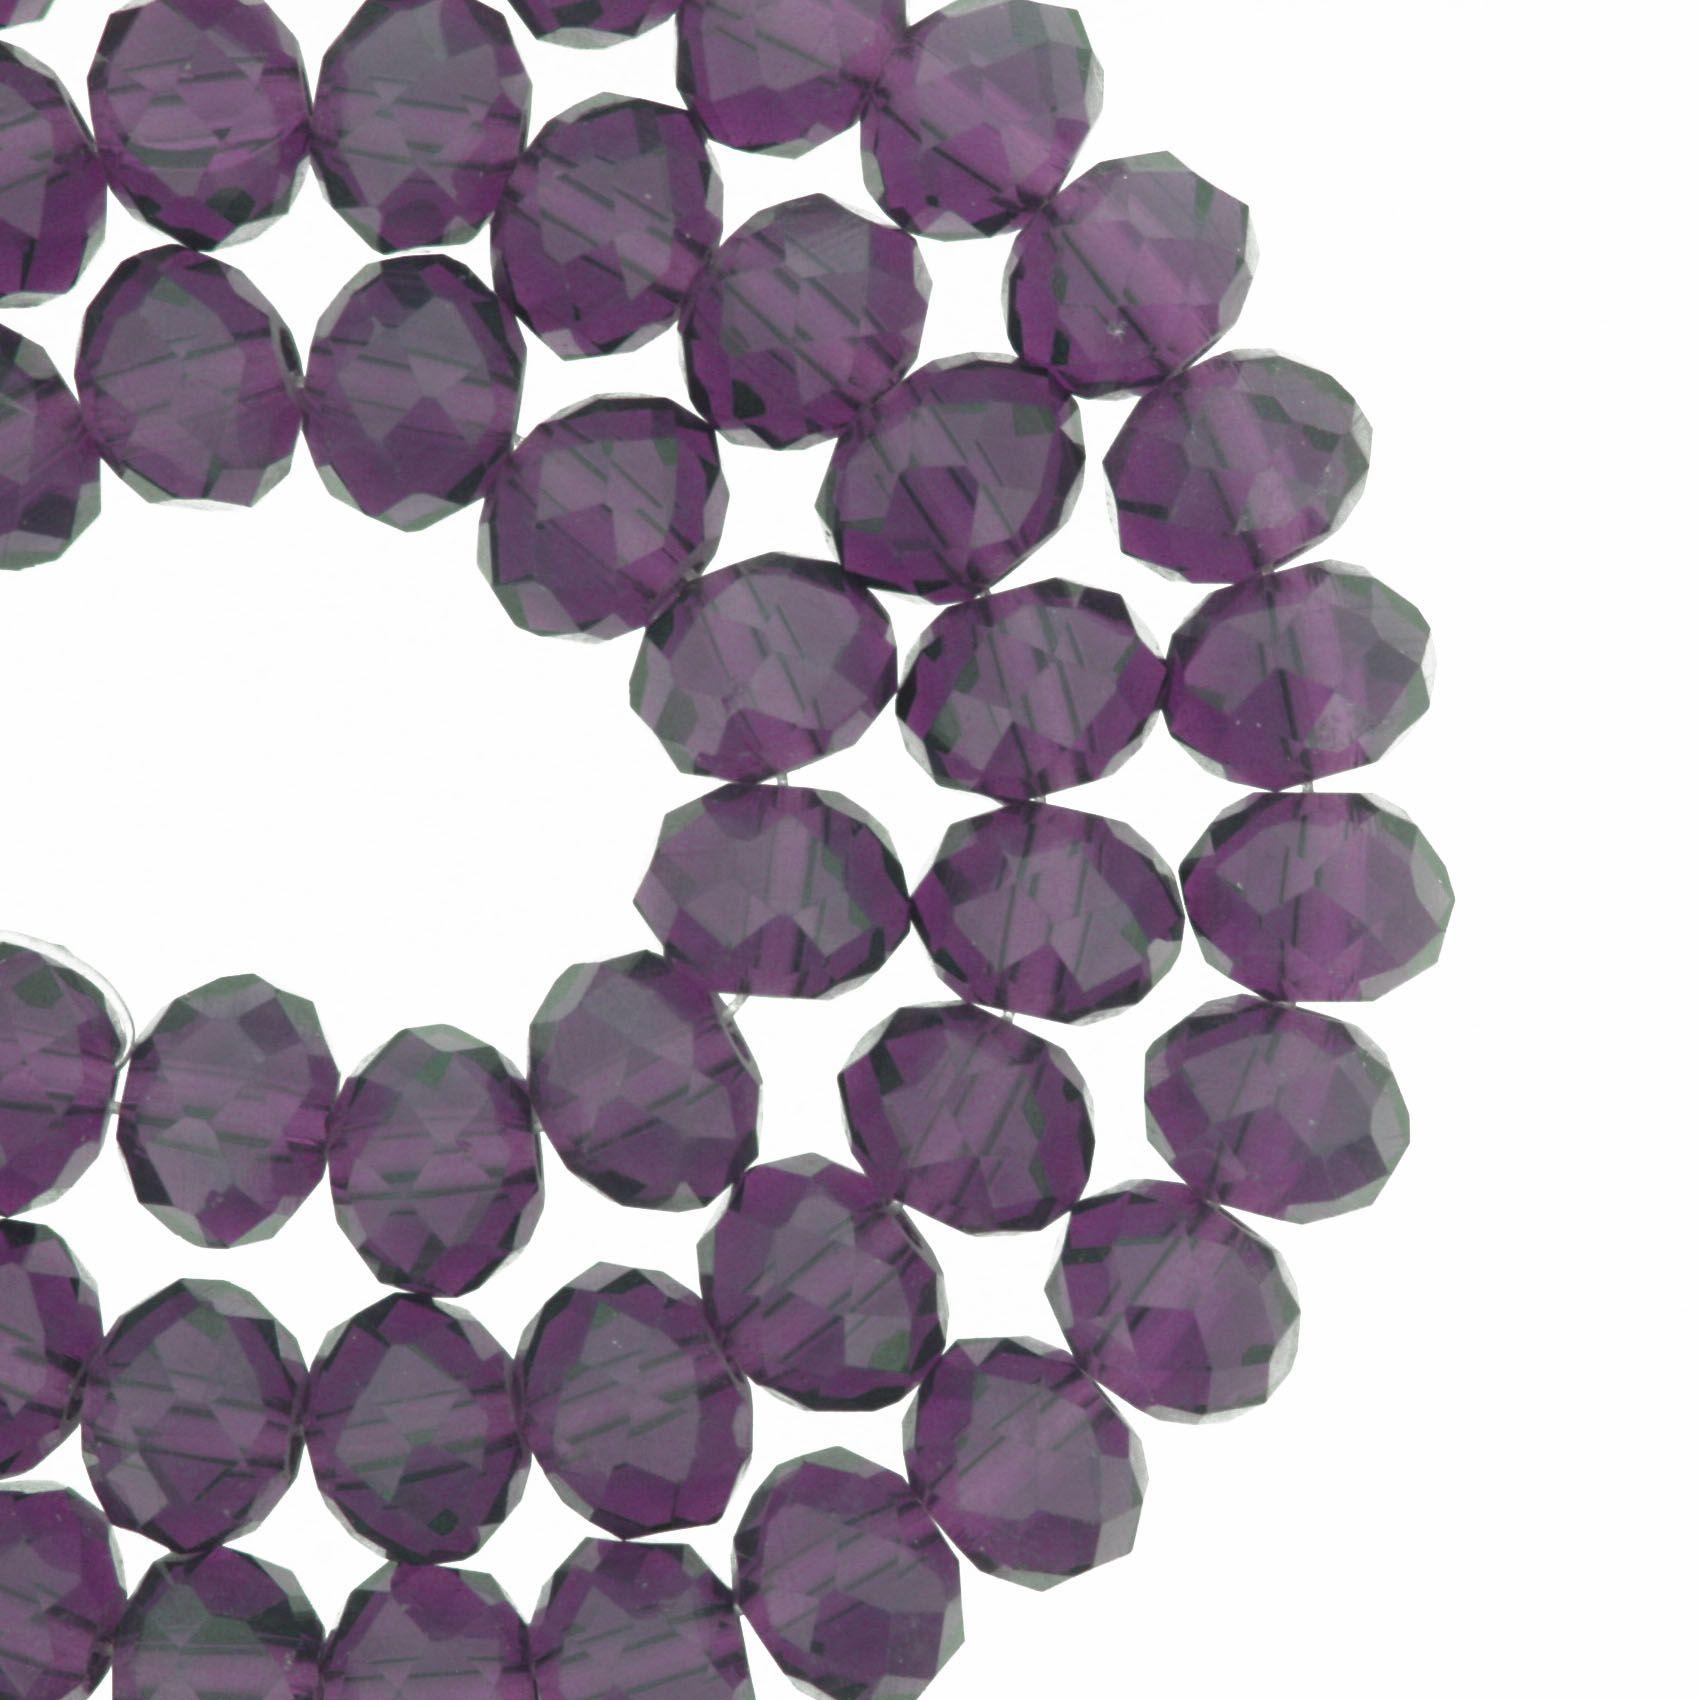 Fio de Cristal - Flat® - Uva Transparente - 8mm  - Stéphanie Bijoux® - Peças para Bijuterias e Artesanato